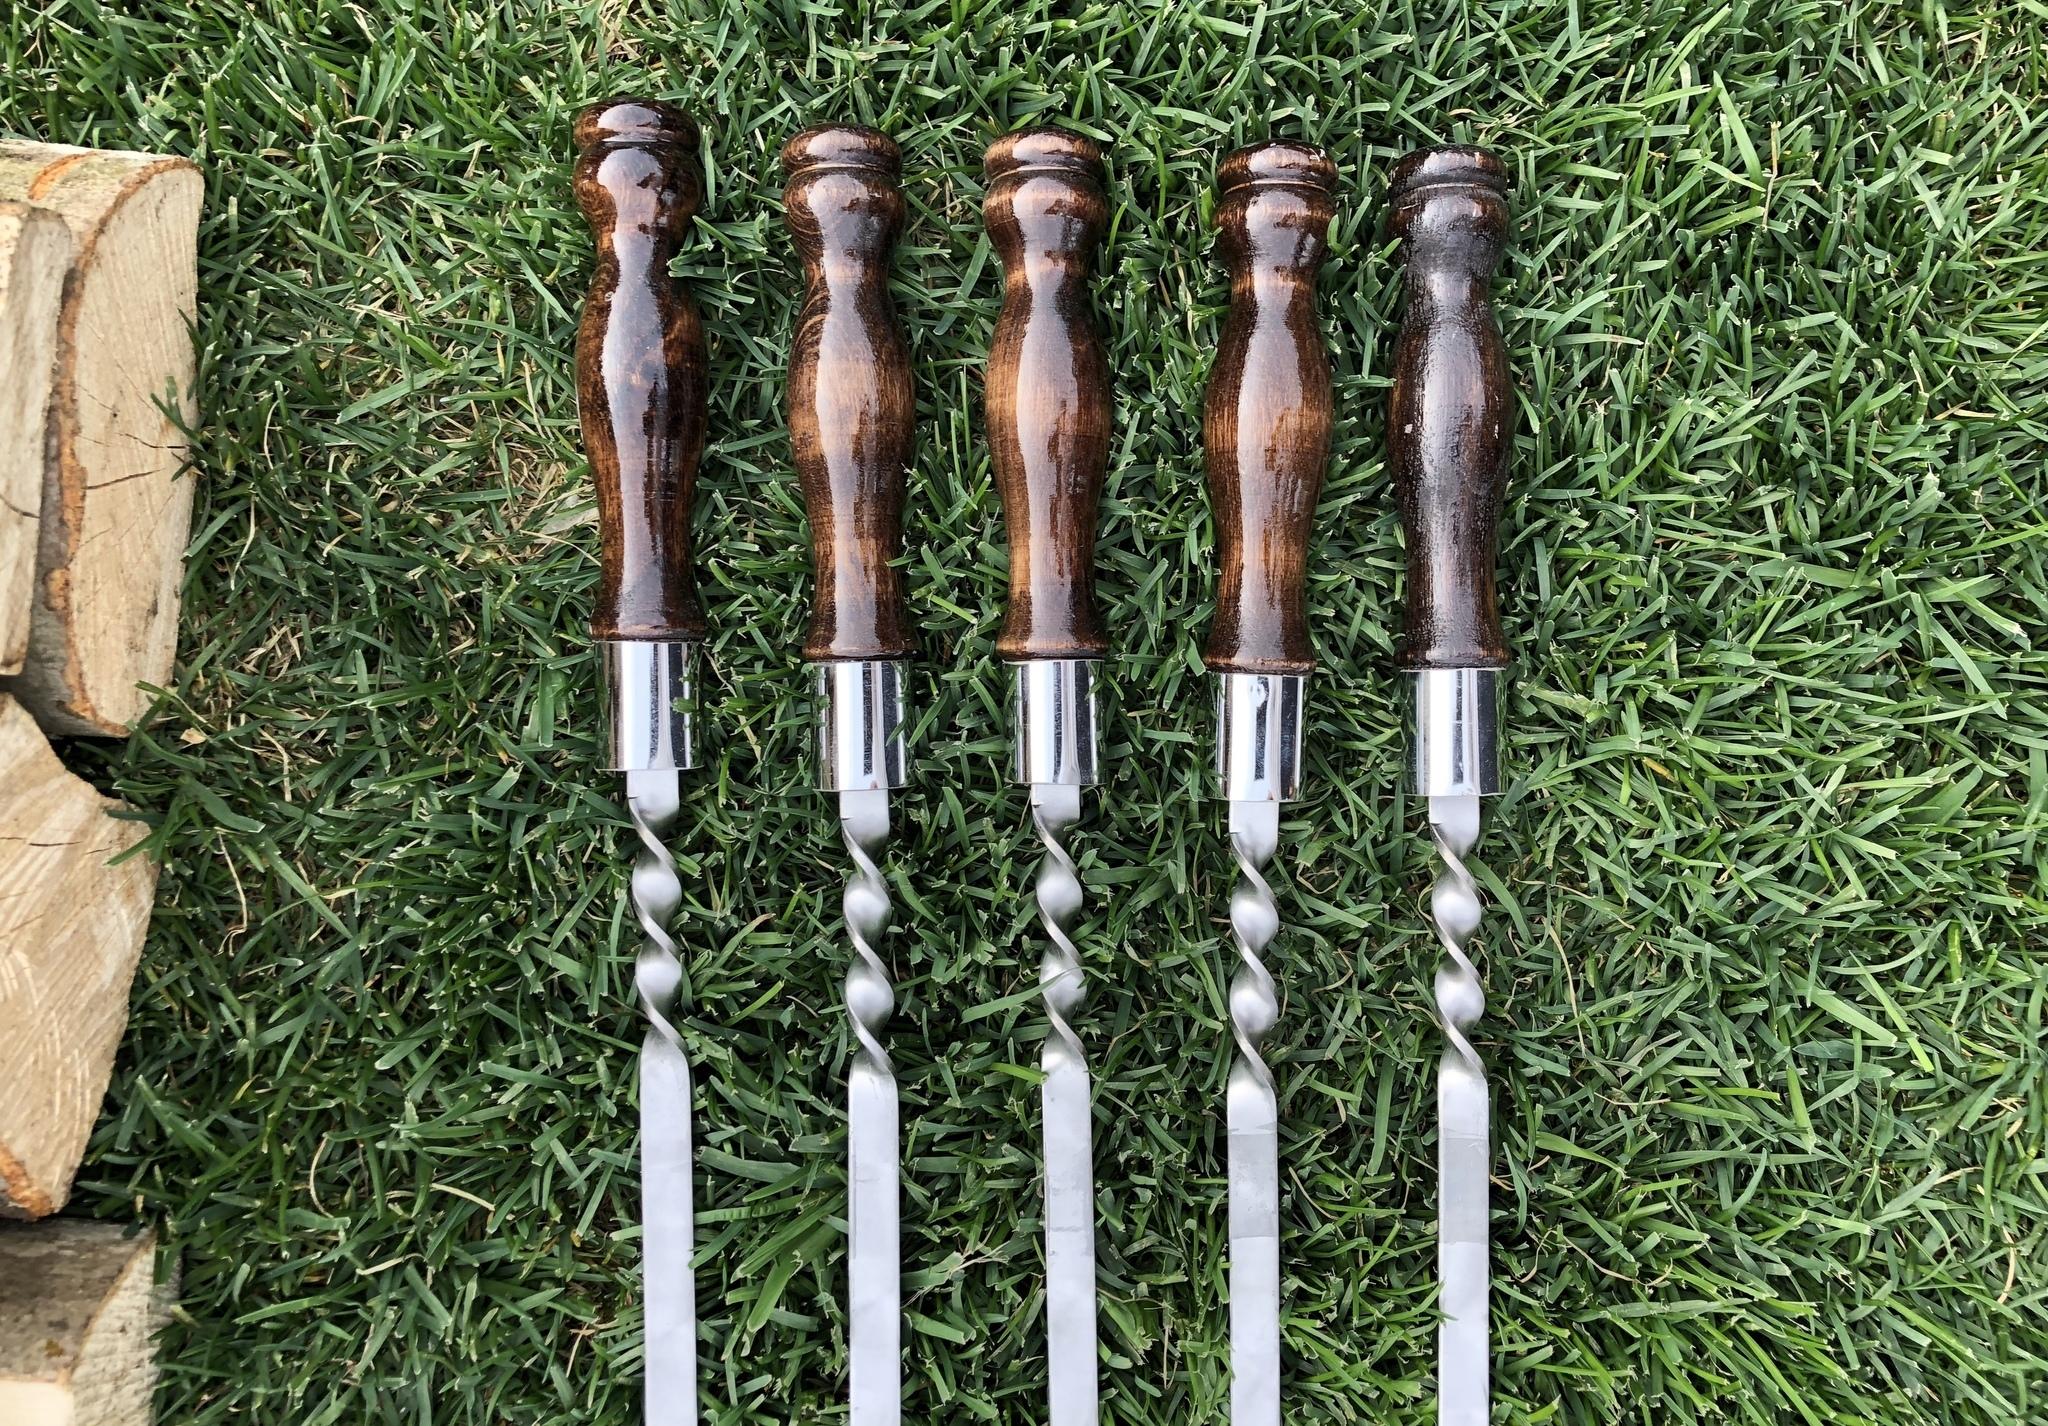 Шампуры из нержавейки Шампур с деревянной ручкой 3мм (ширина 16мм) №6 IMG_3766.JPG